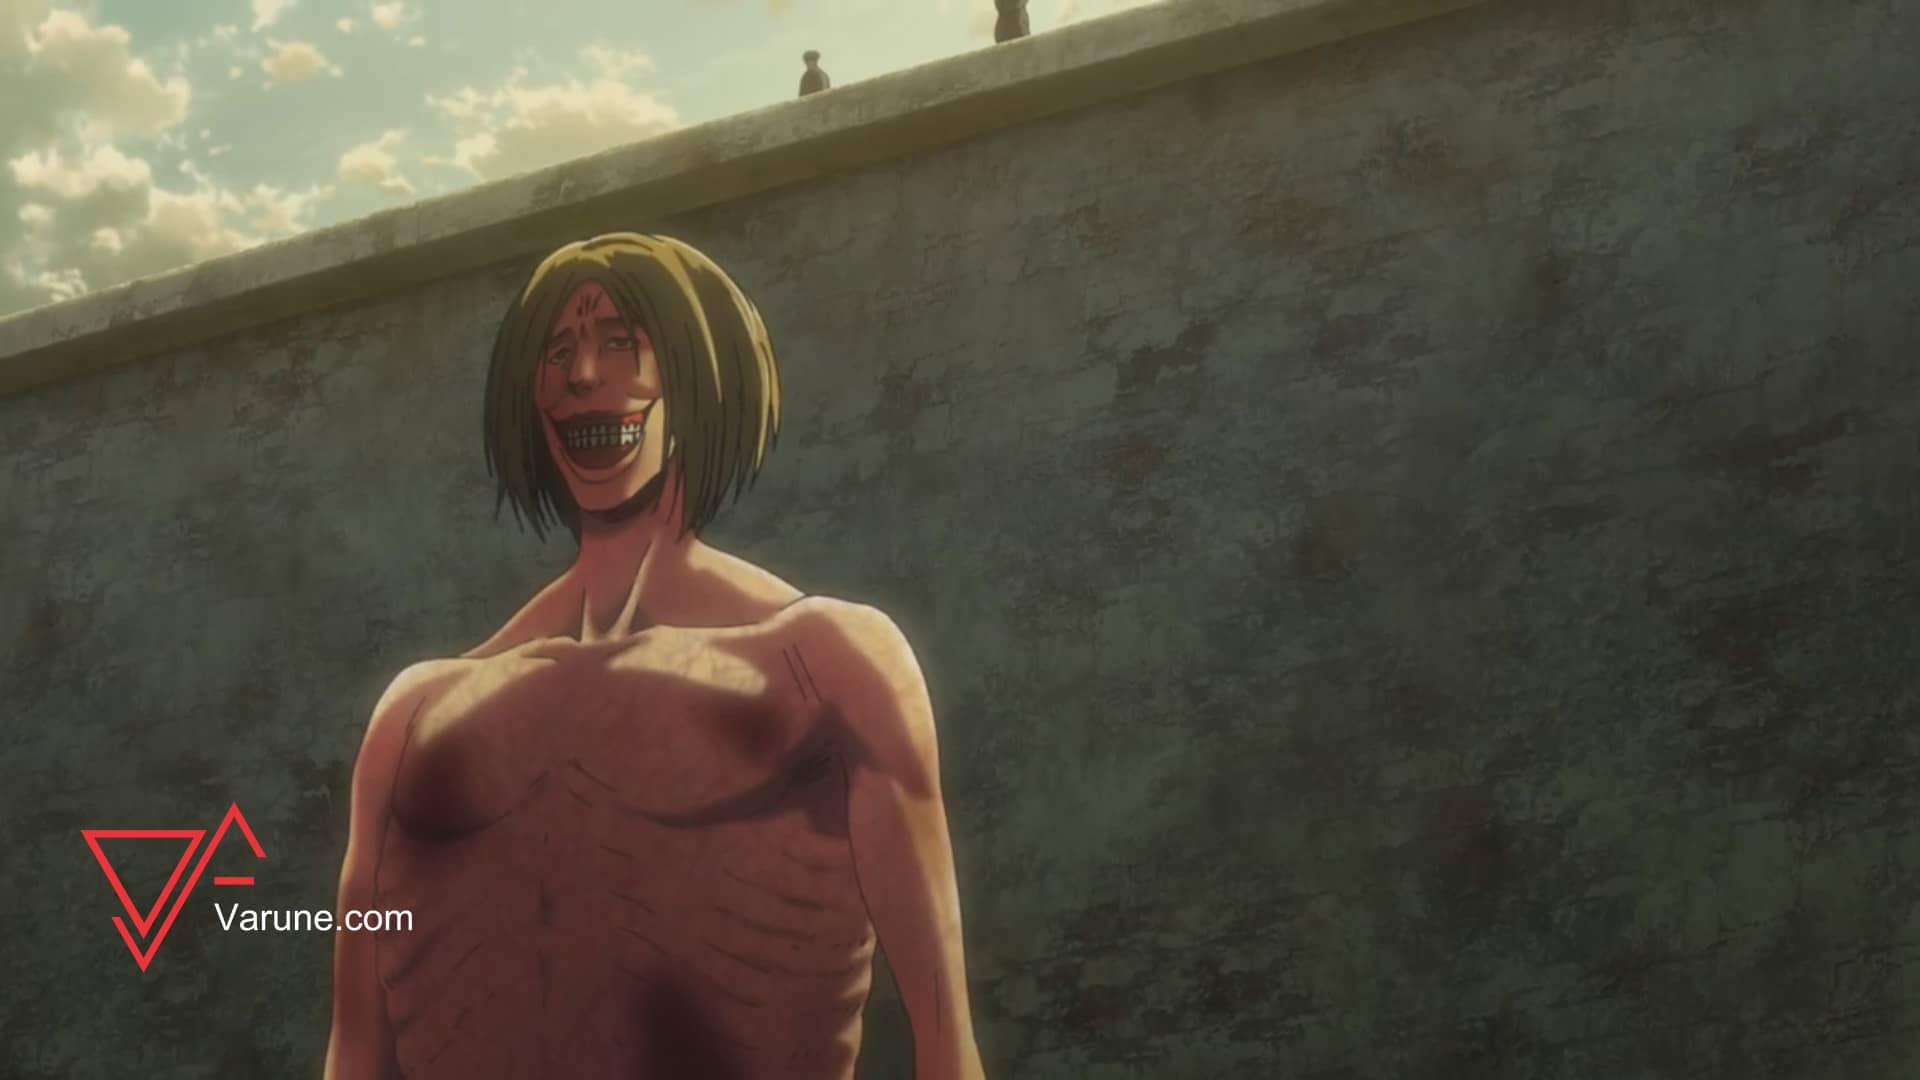 بررسی قسمت هشتم از بخش دوم فصل سوم انیمه Attack on Titan